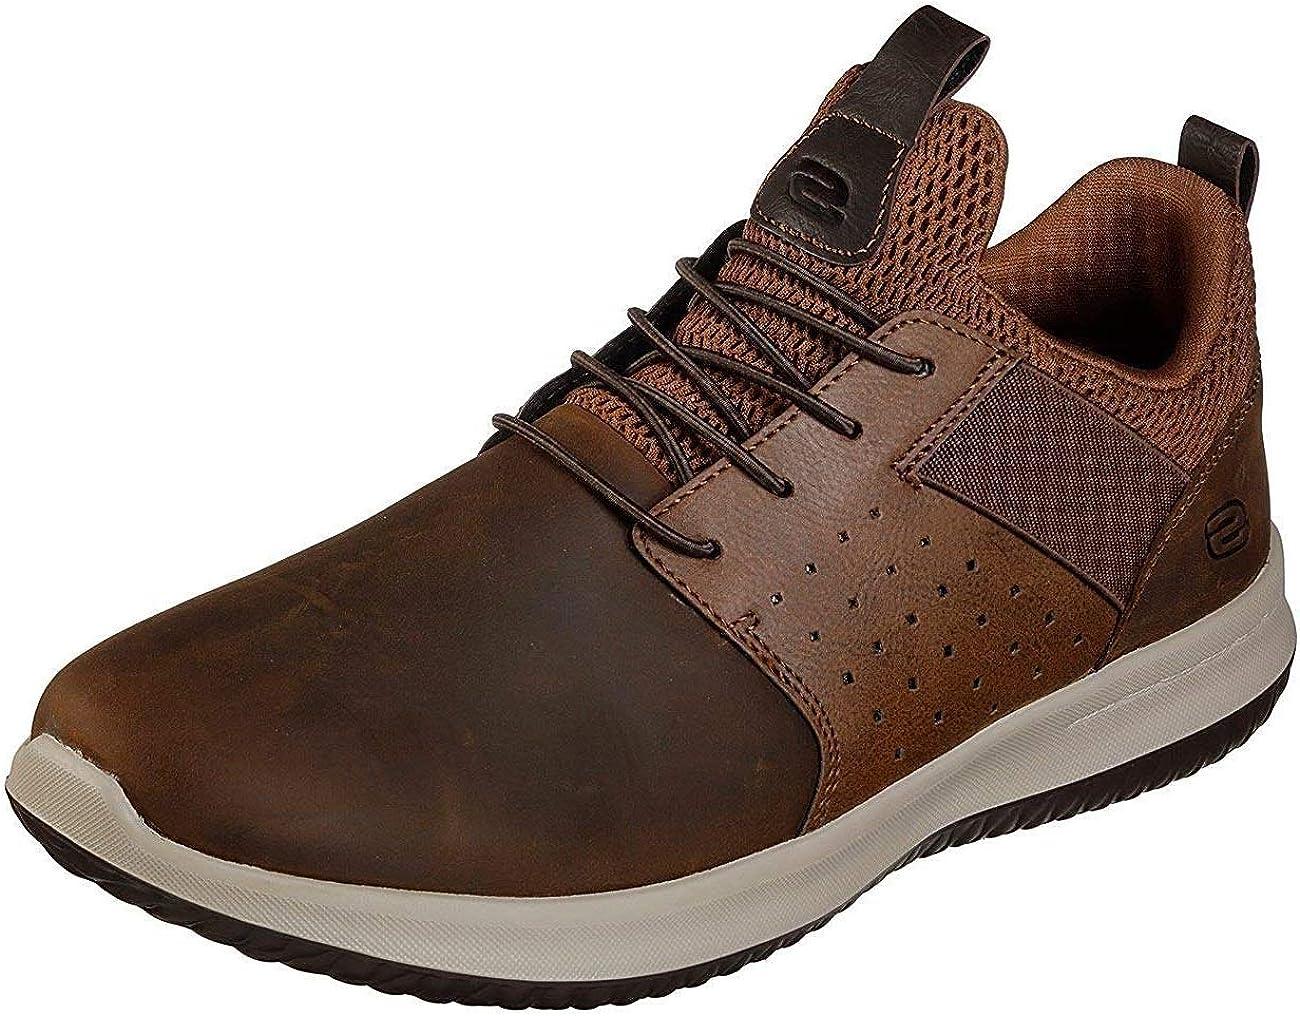 Skechers Herren Delson Axton Slip On Sneaker, Brauner CDB MzrwG